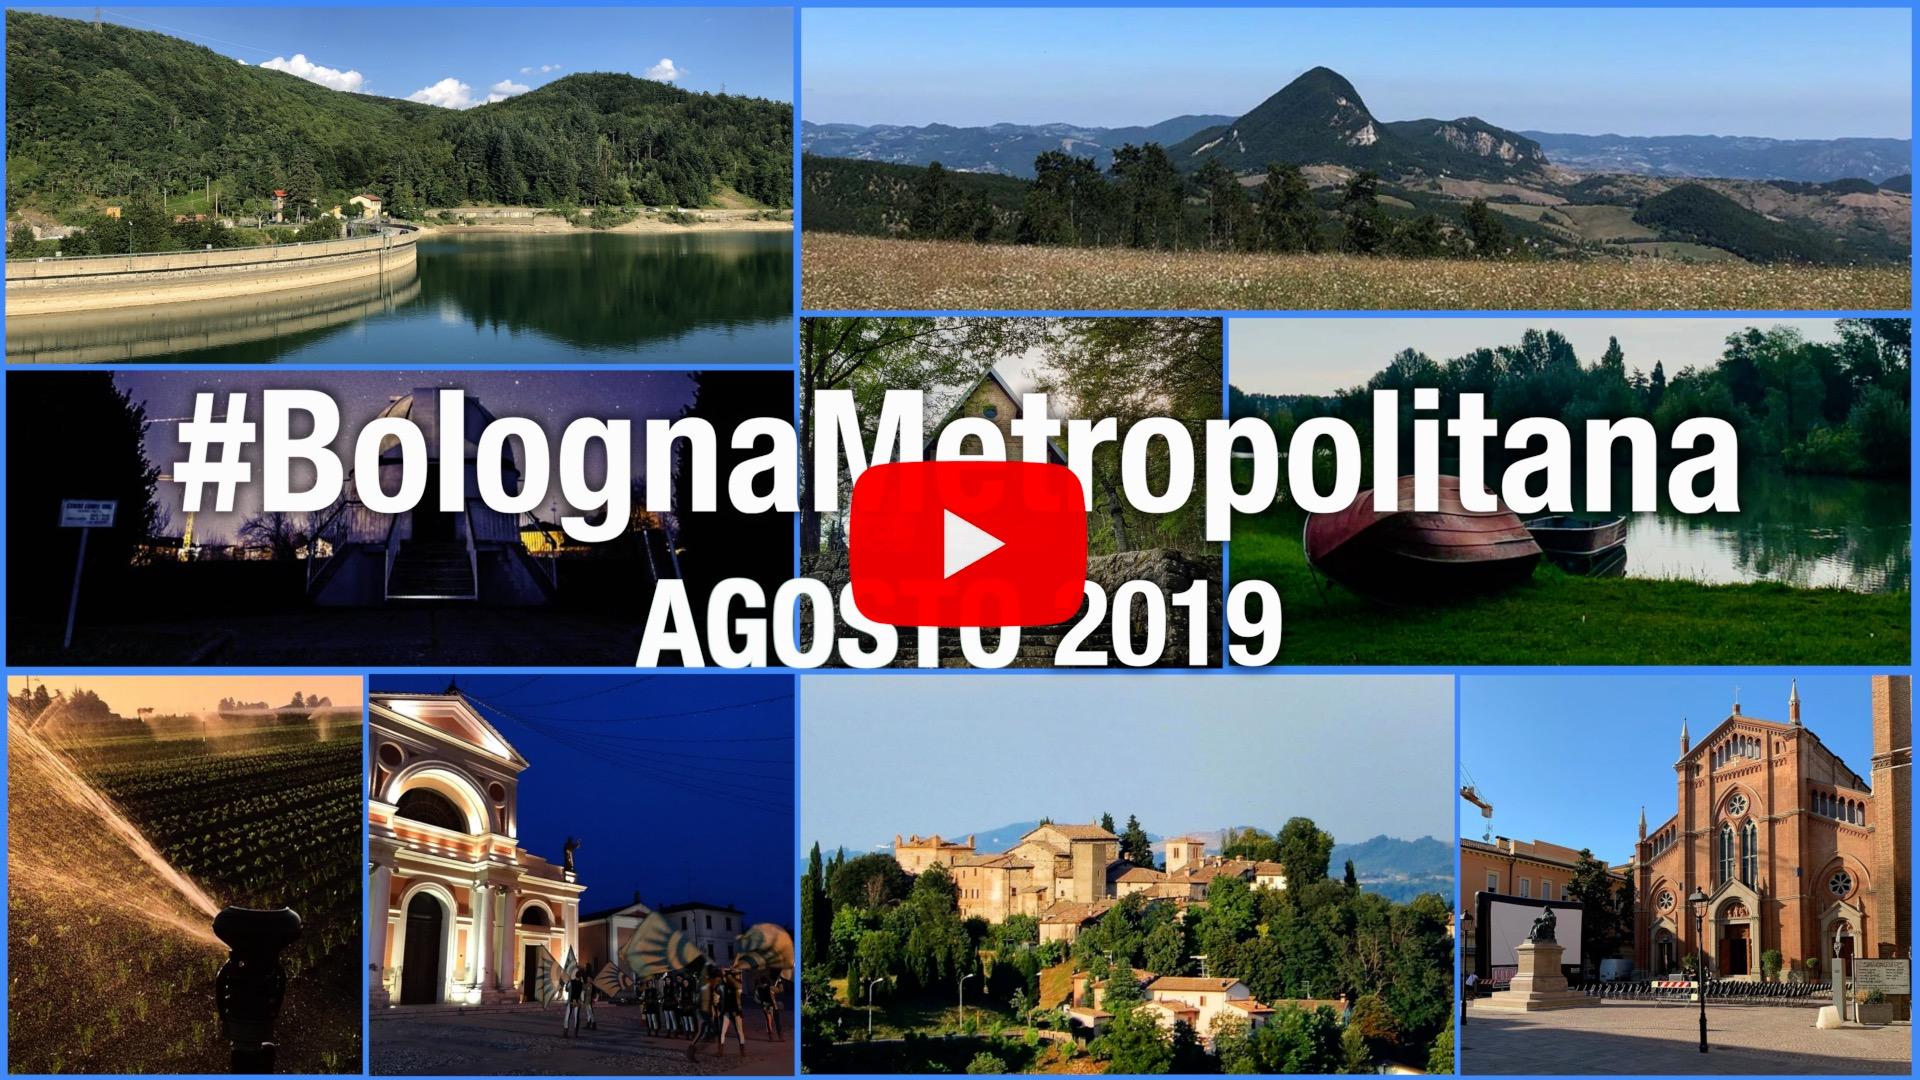 #BolognaMetropolitana - Le immagini più belle di agosto 2019